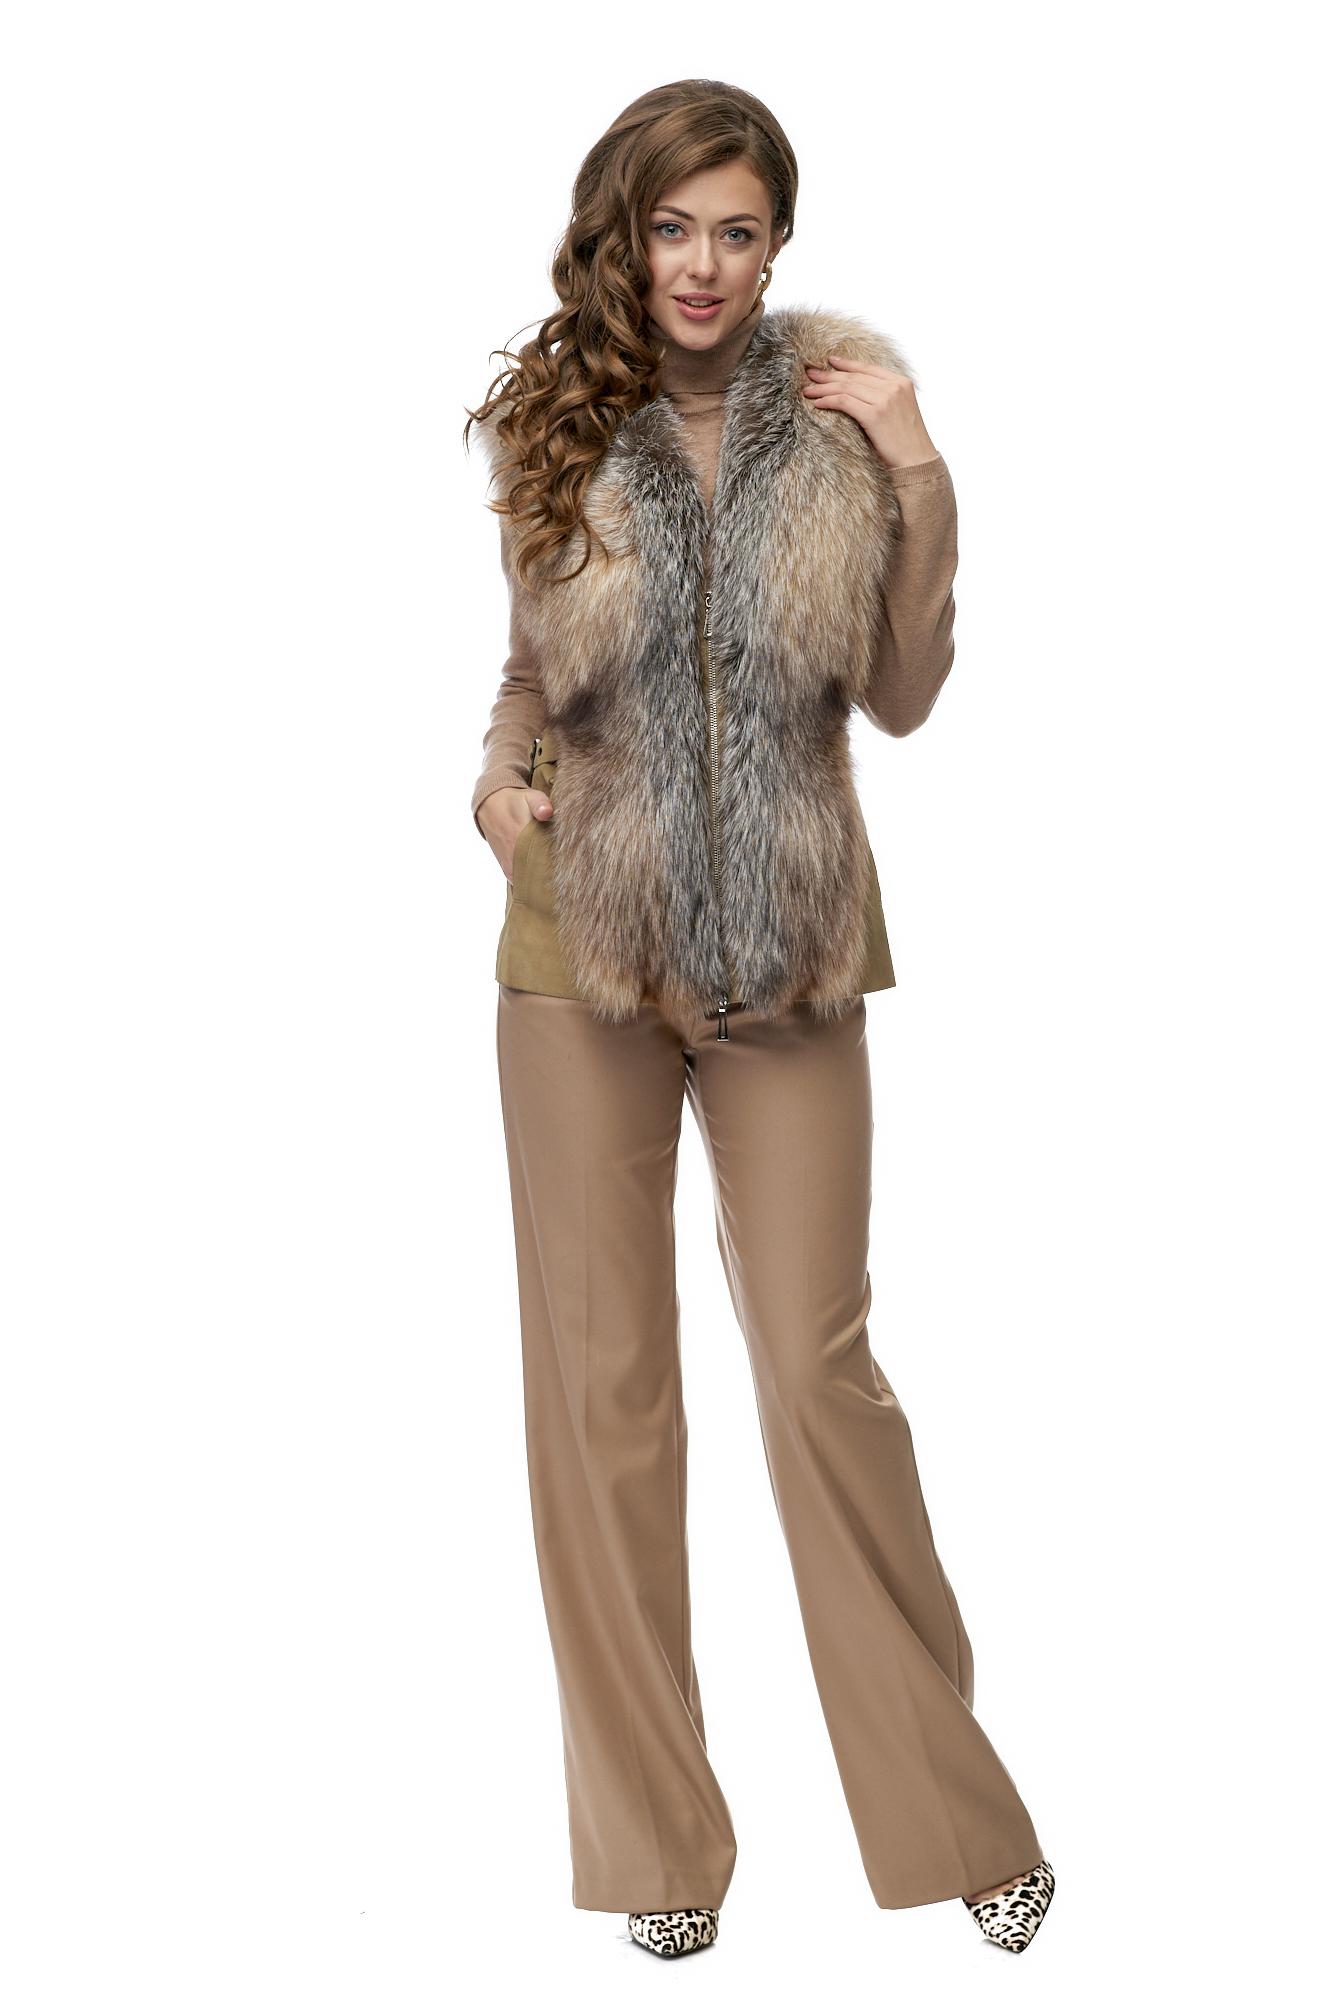 Женская кожаная жилетка из натуральной кожи с воротником, отделка песец